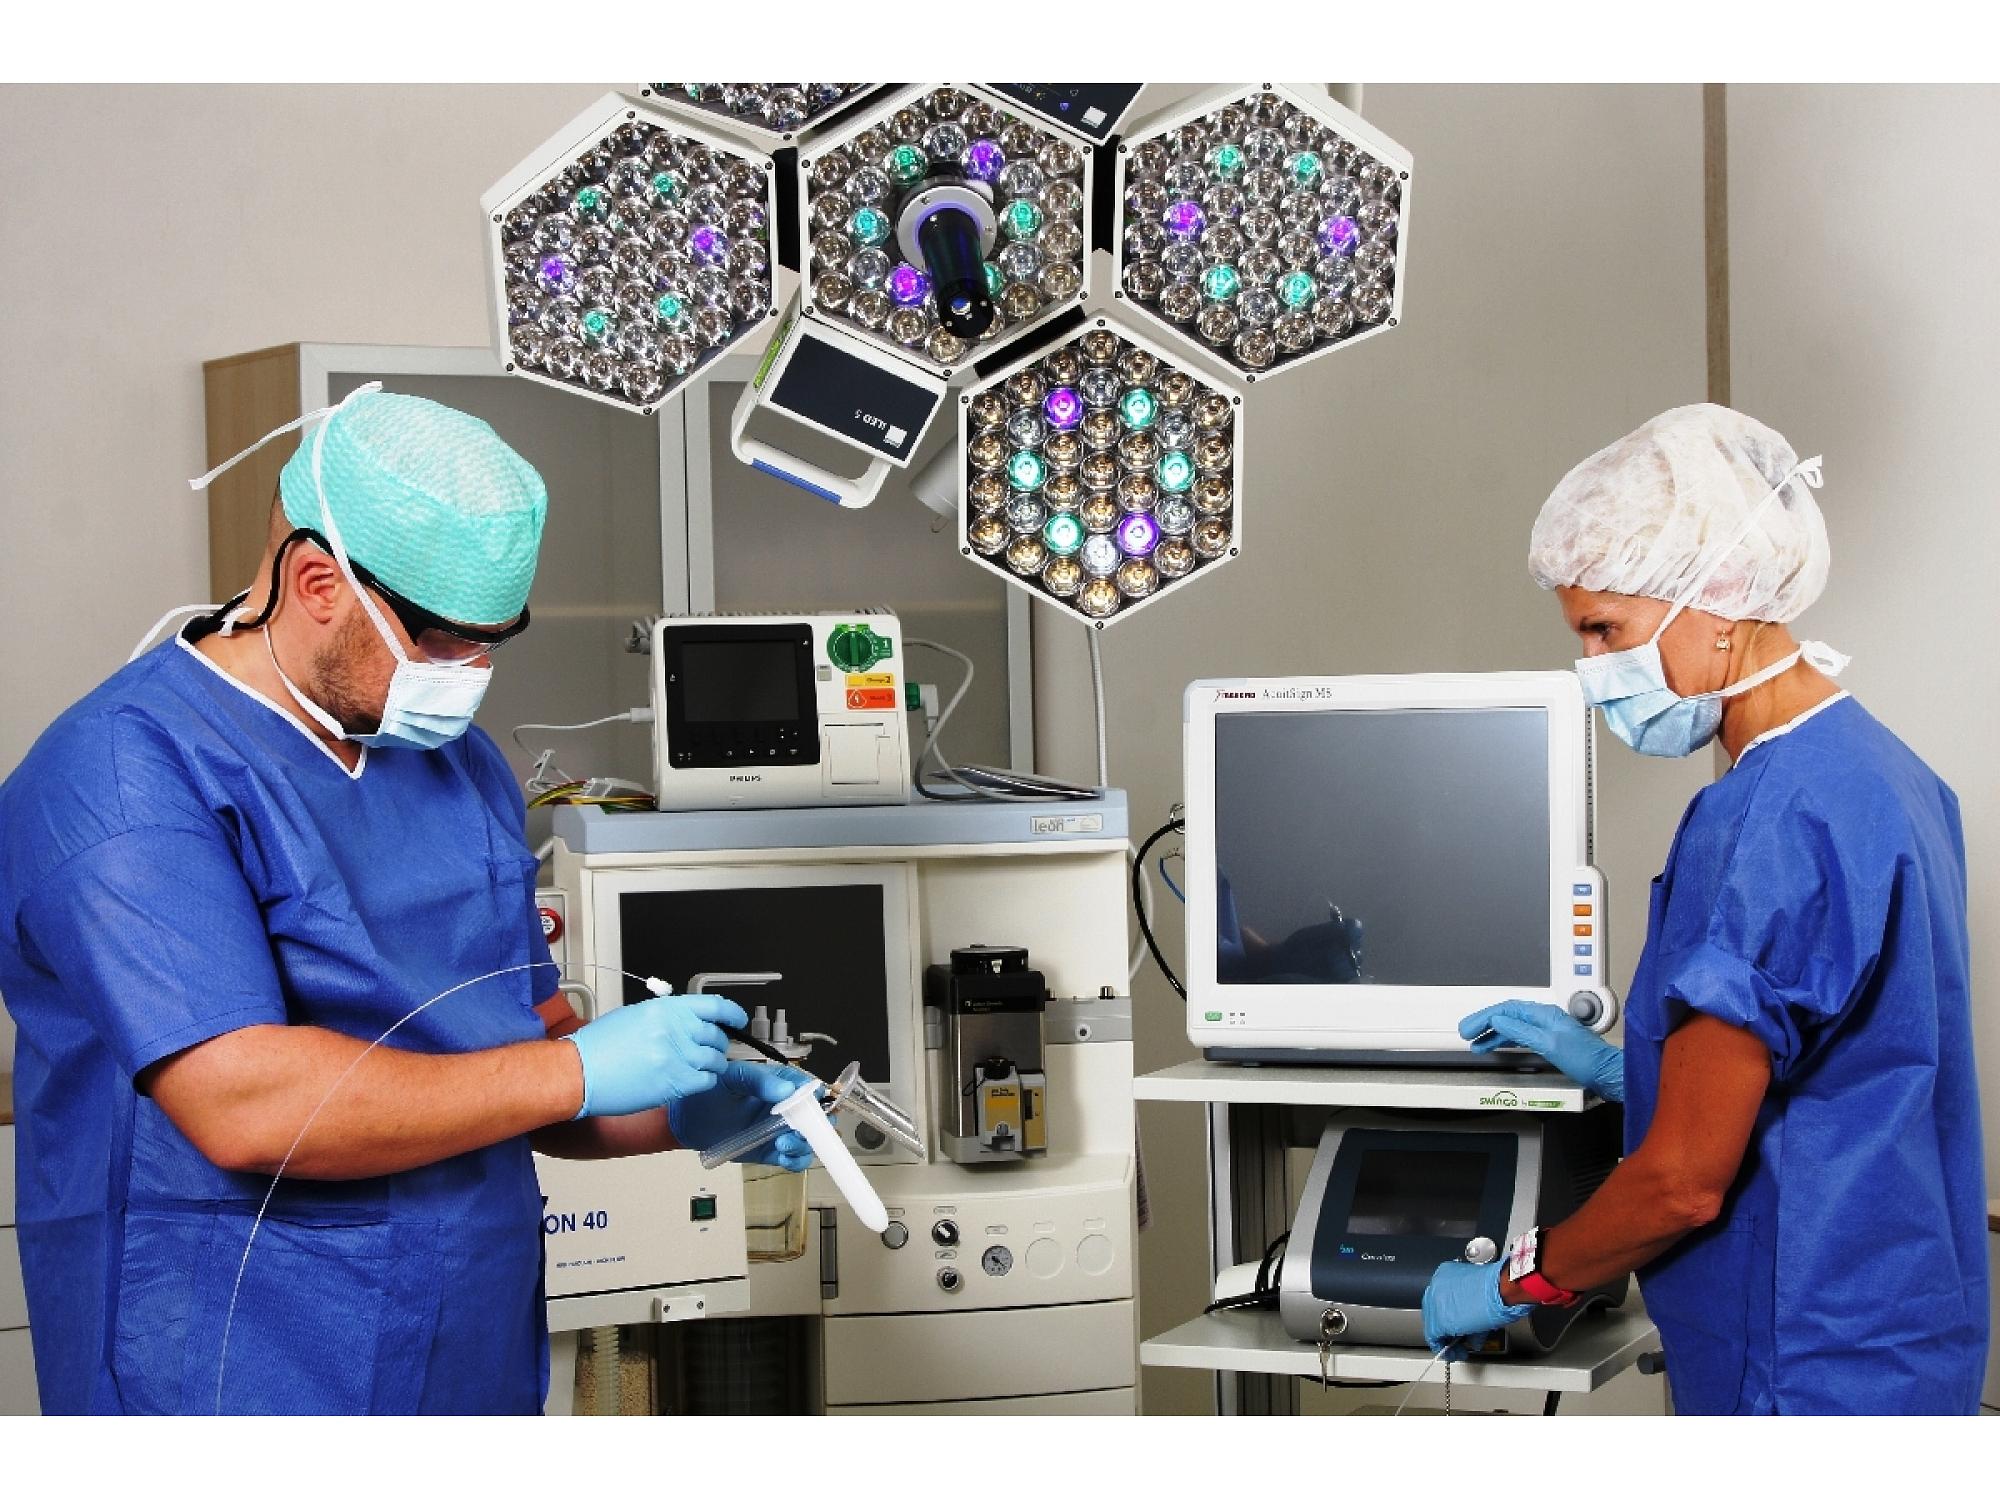 Gangrena extremităților inferioare: cauze, etape și metode de tratament